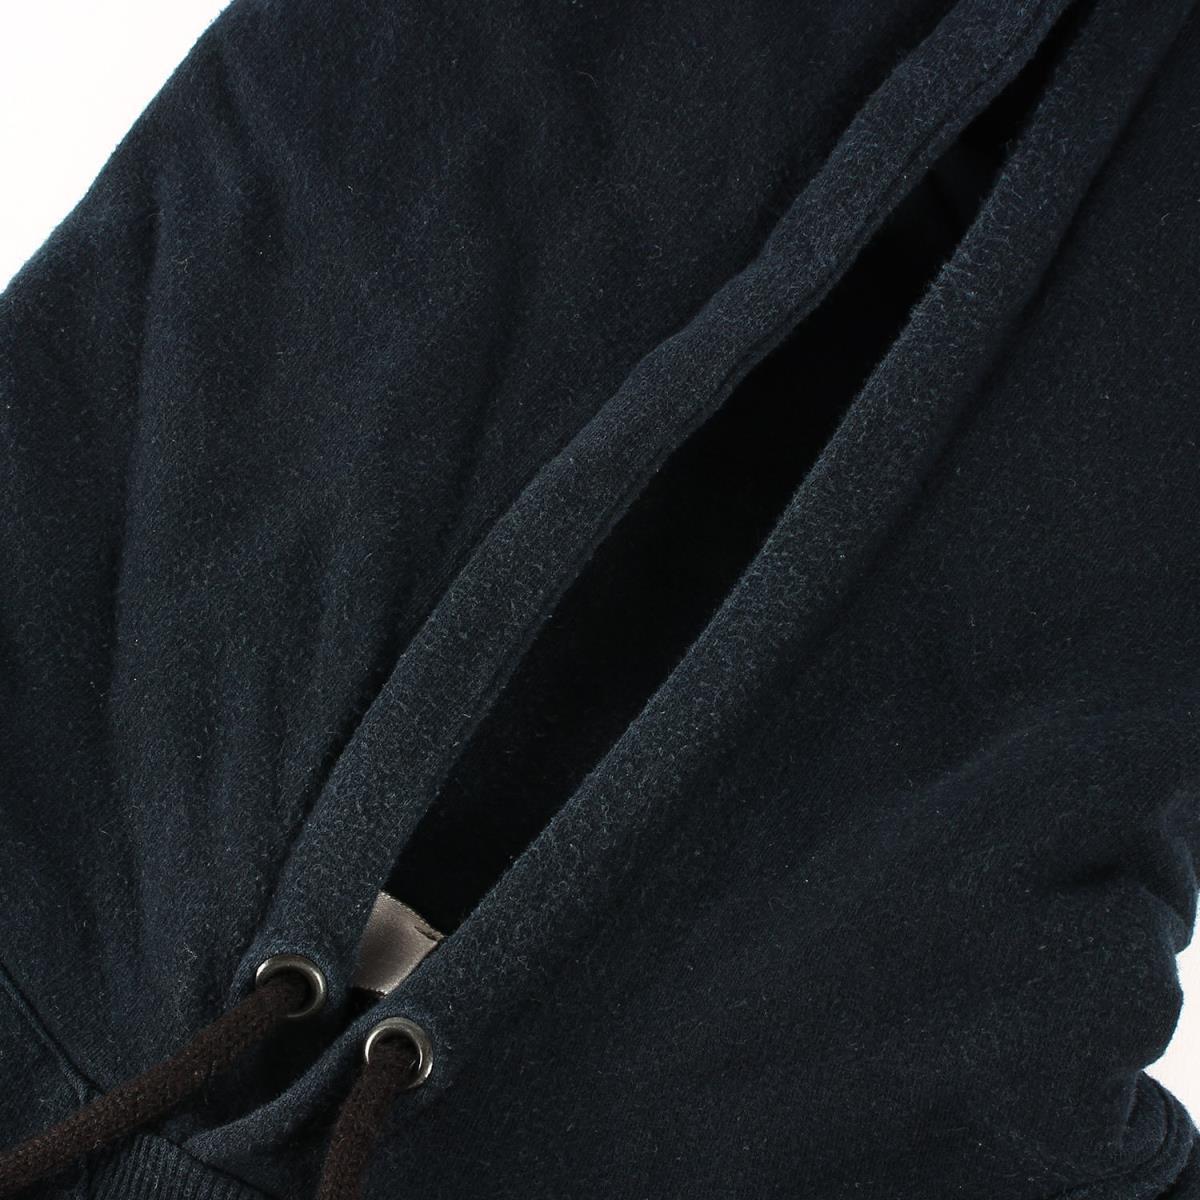 Dior HOMME ディオールオム パーカー 06AW These Grey Days期 グラフィックロゴ スウェット パーカー ブラック XS_画像4